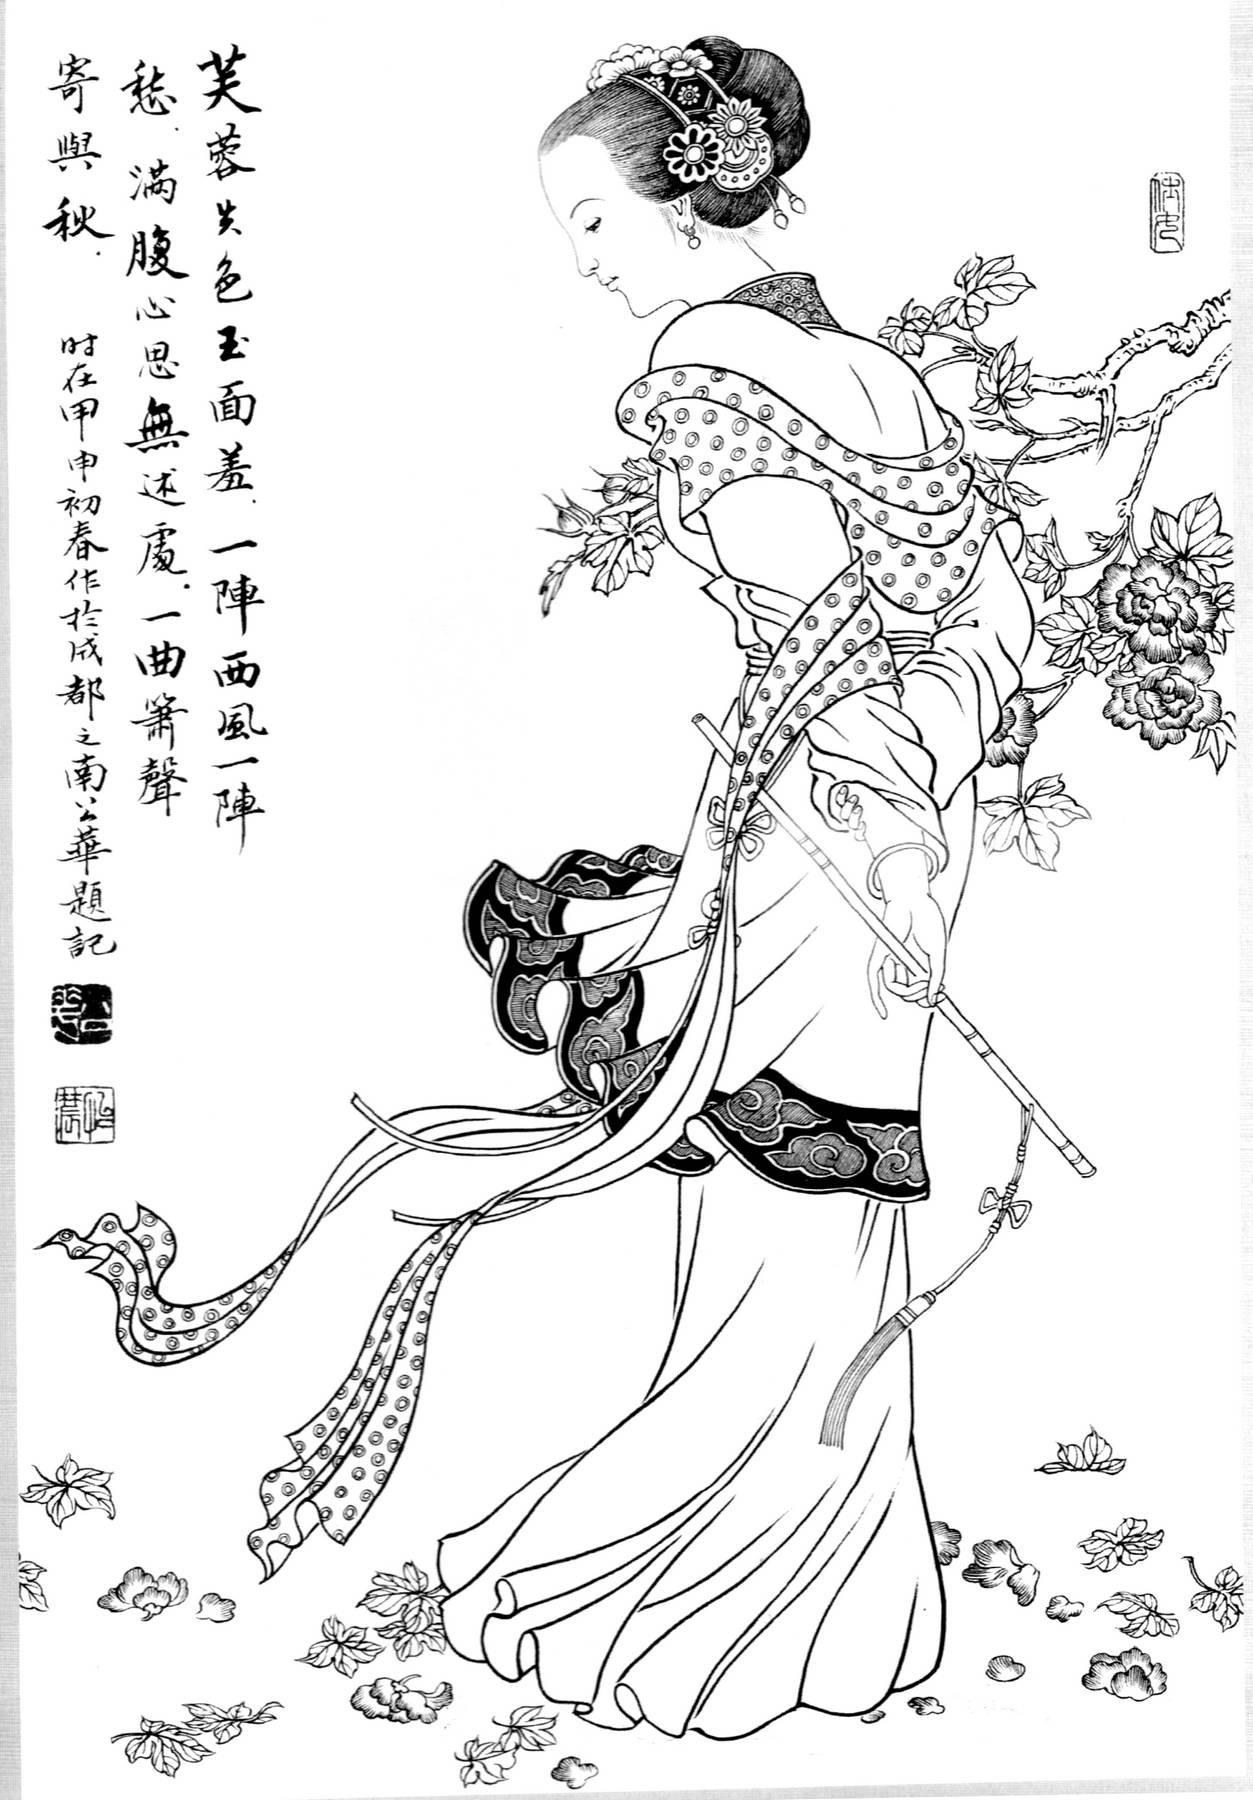 []0037_工笔画刘公华白描仕女白描线稿素材高清图37芙蓉_0x0px_jpg